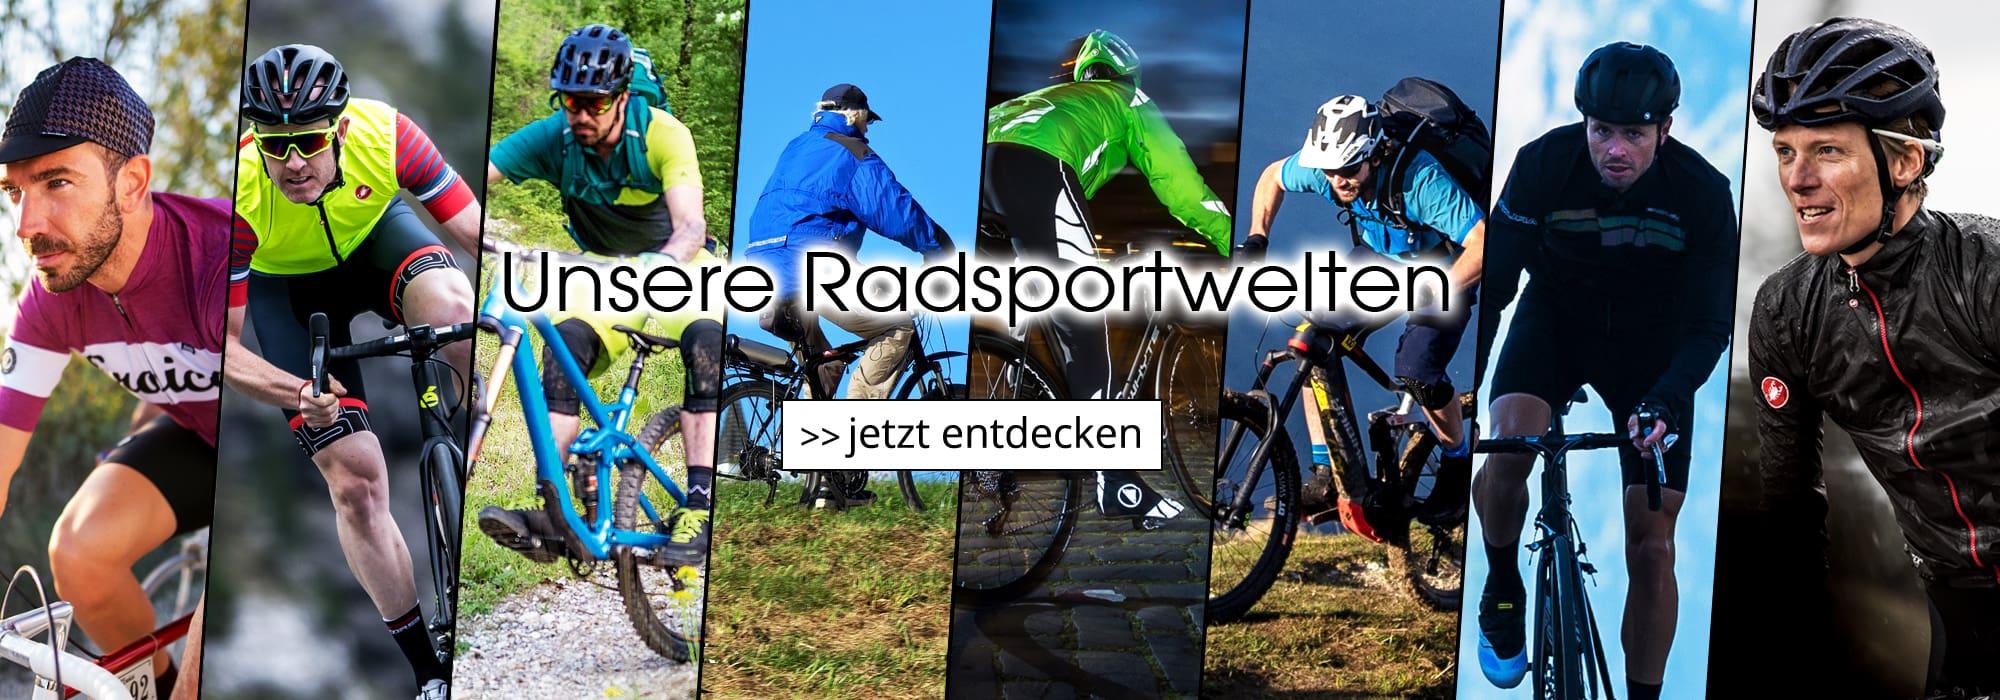 Radsportwelten - Hier finden Sie schnell das passende Produkt